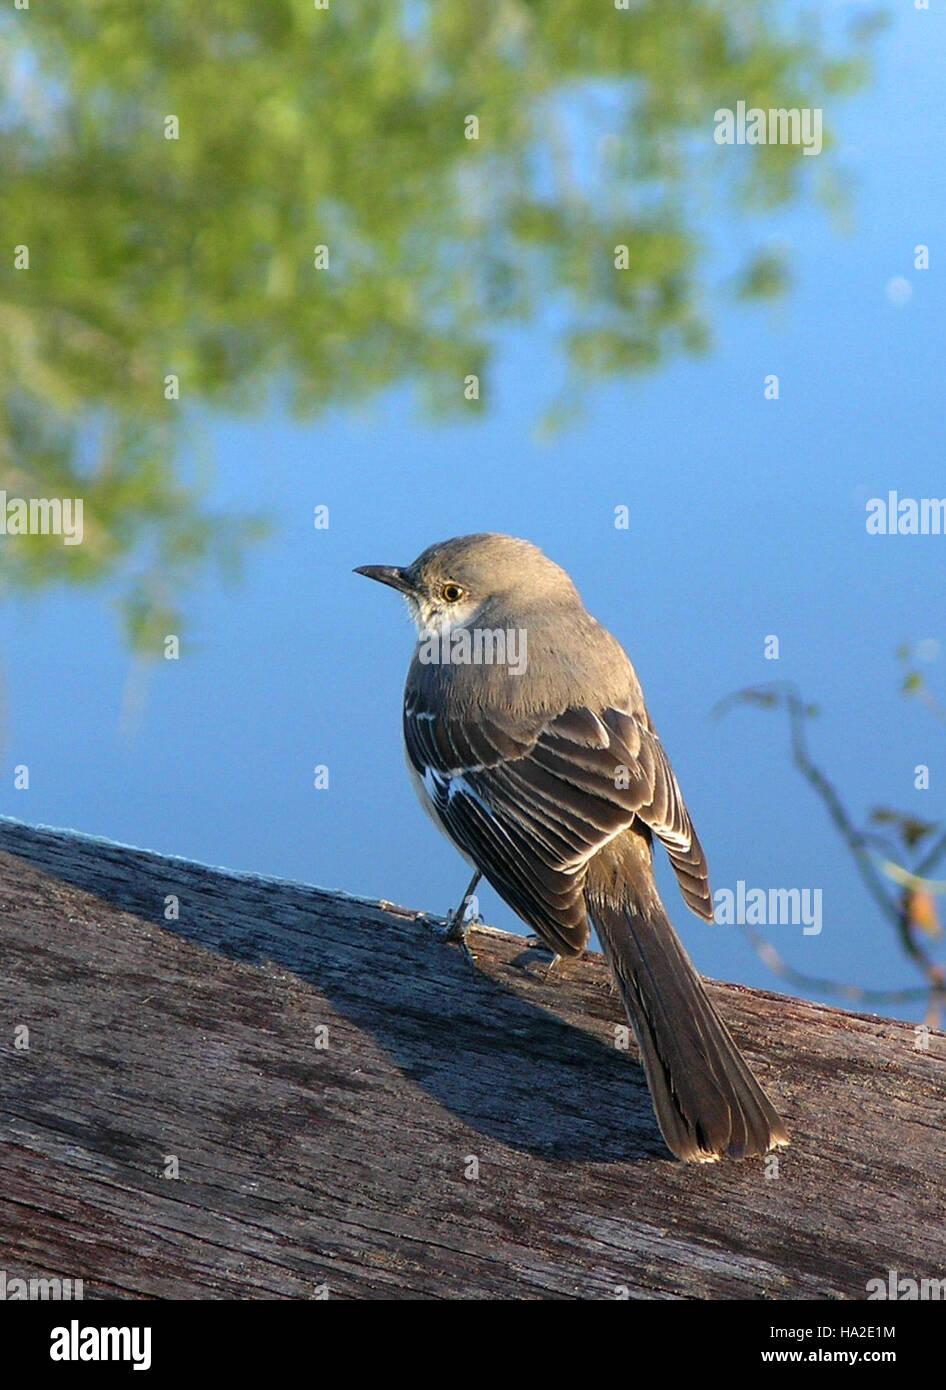 everglades Mocking Bird - Stock Image